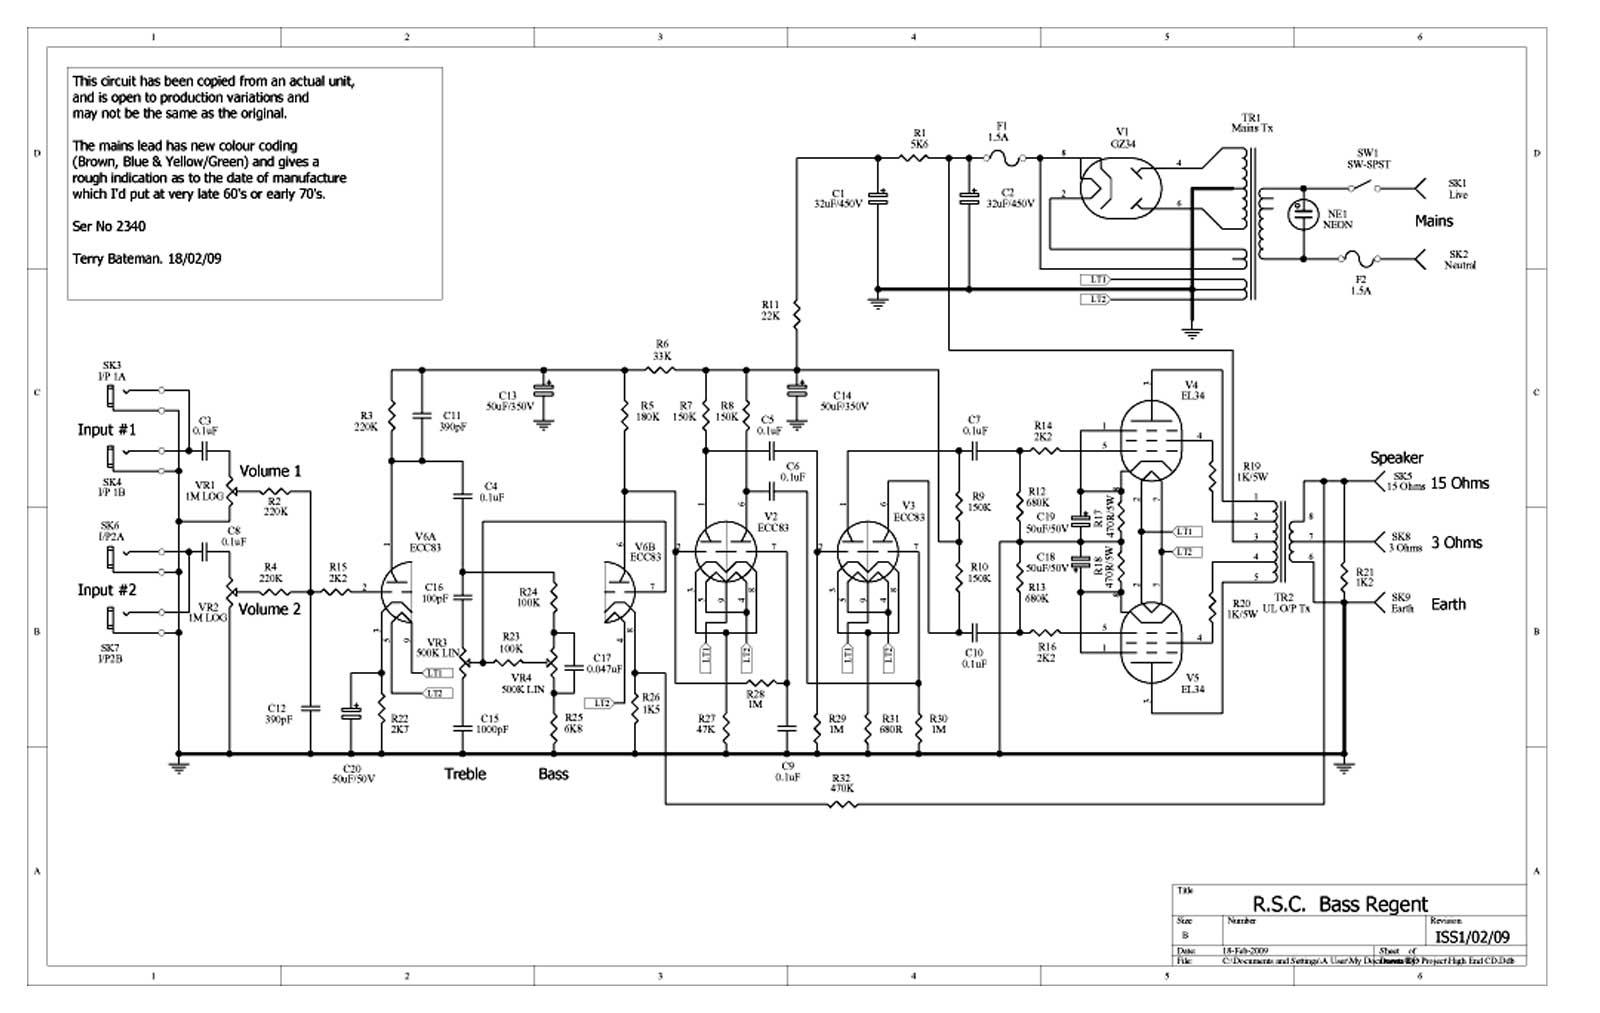 yamaha guitar wiring diagram 2003 dodge ram 7 pin trailer linear rsc bass regent schematic